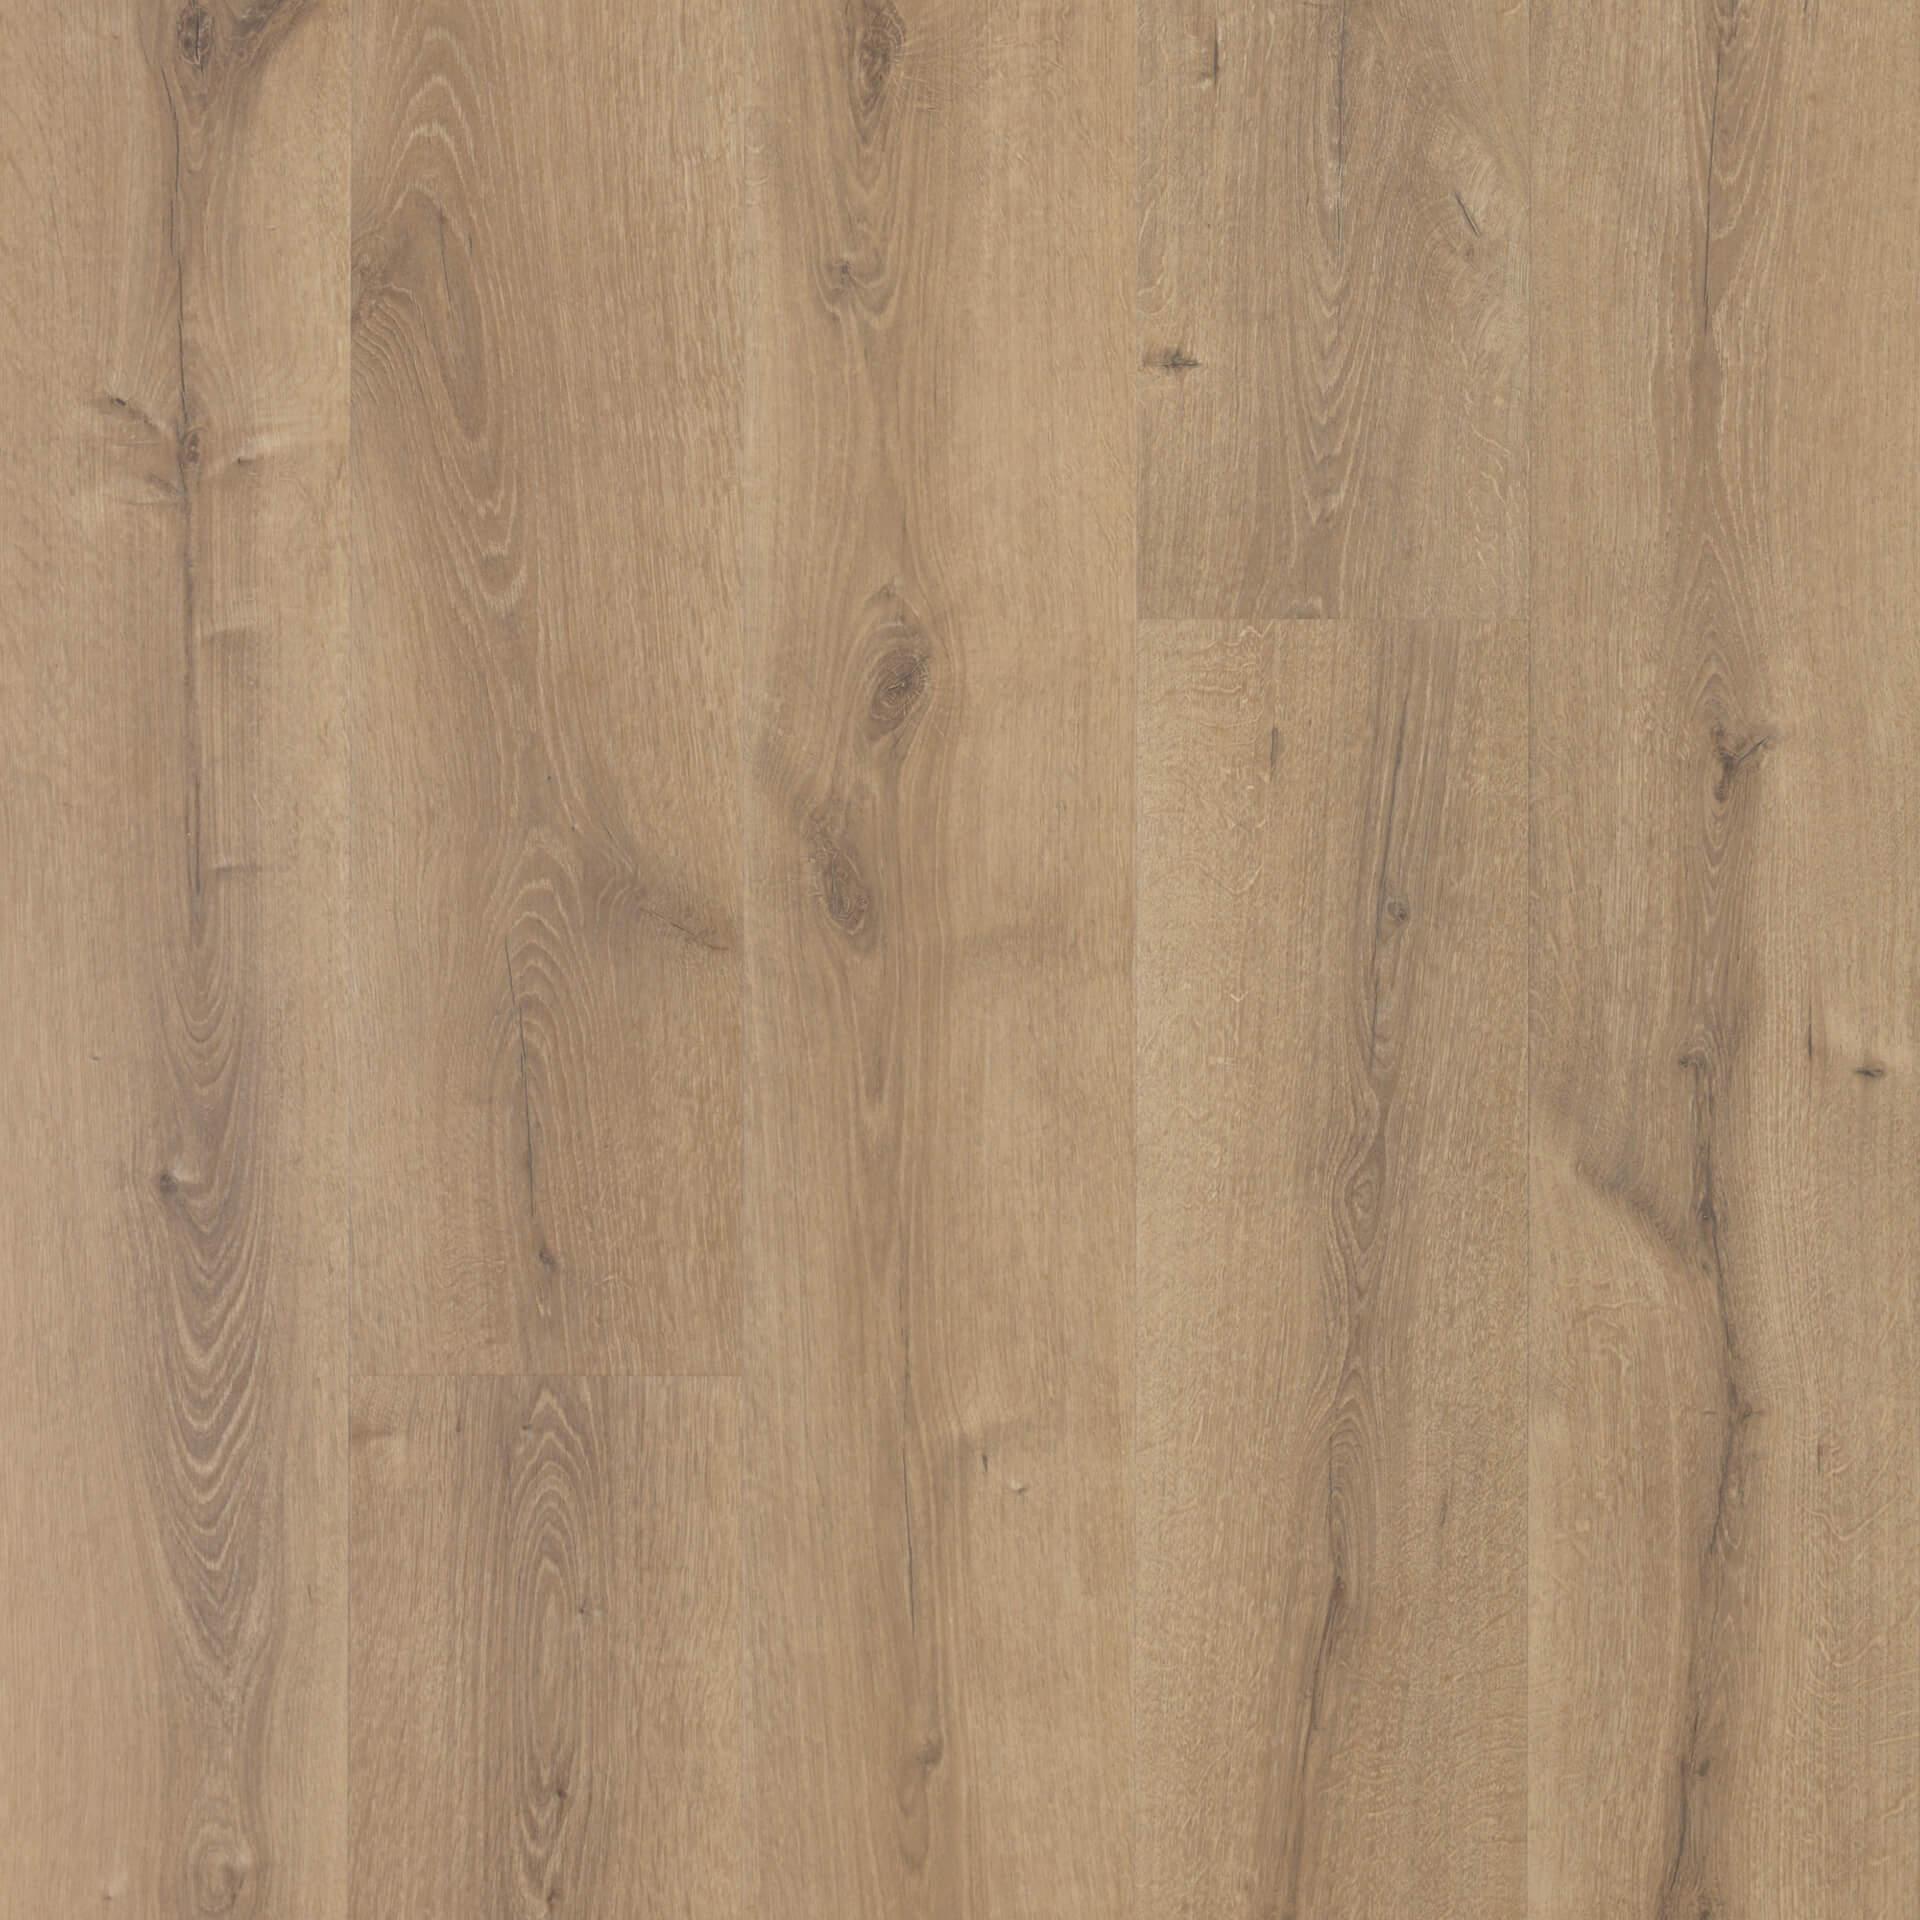 Walker Oak Colossia Collection Laminate